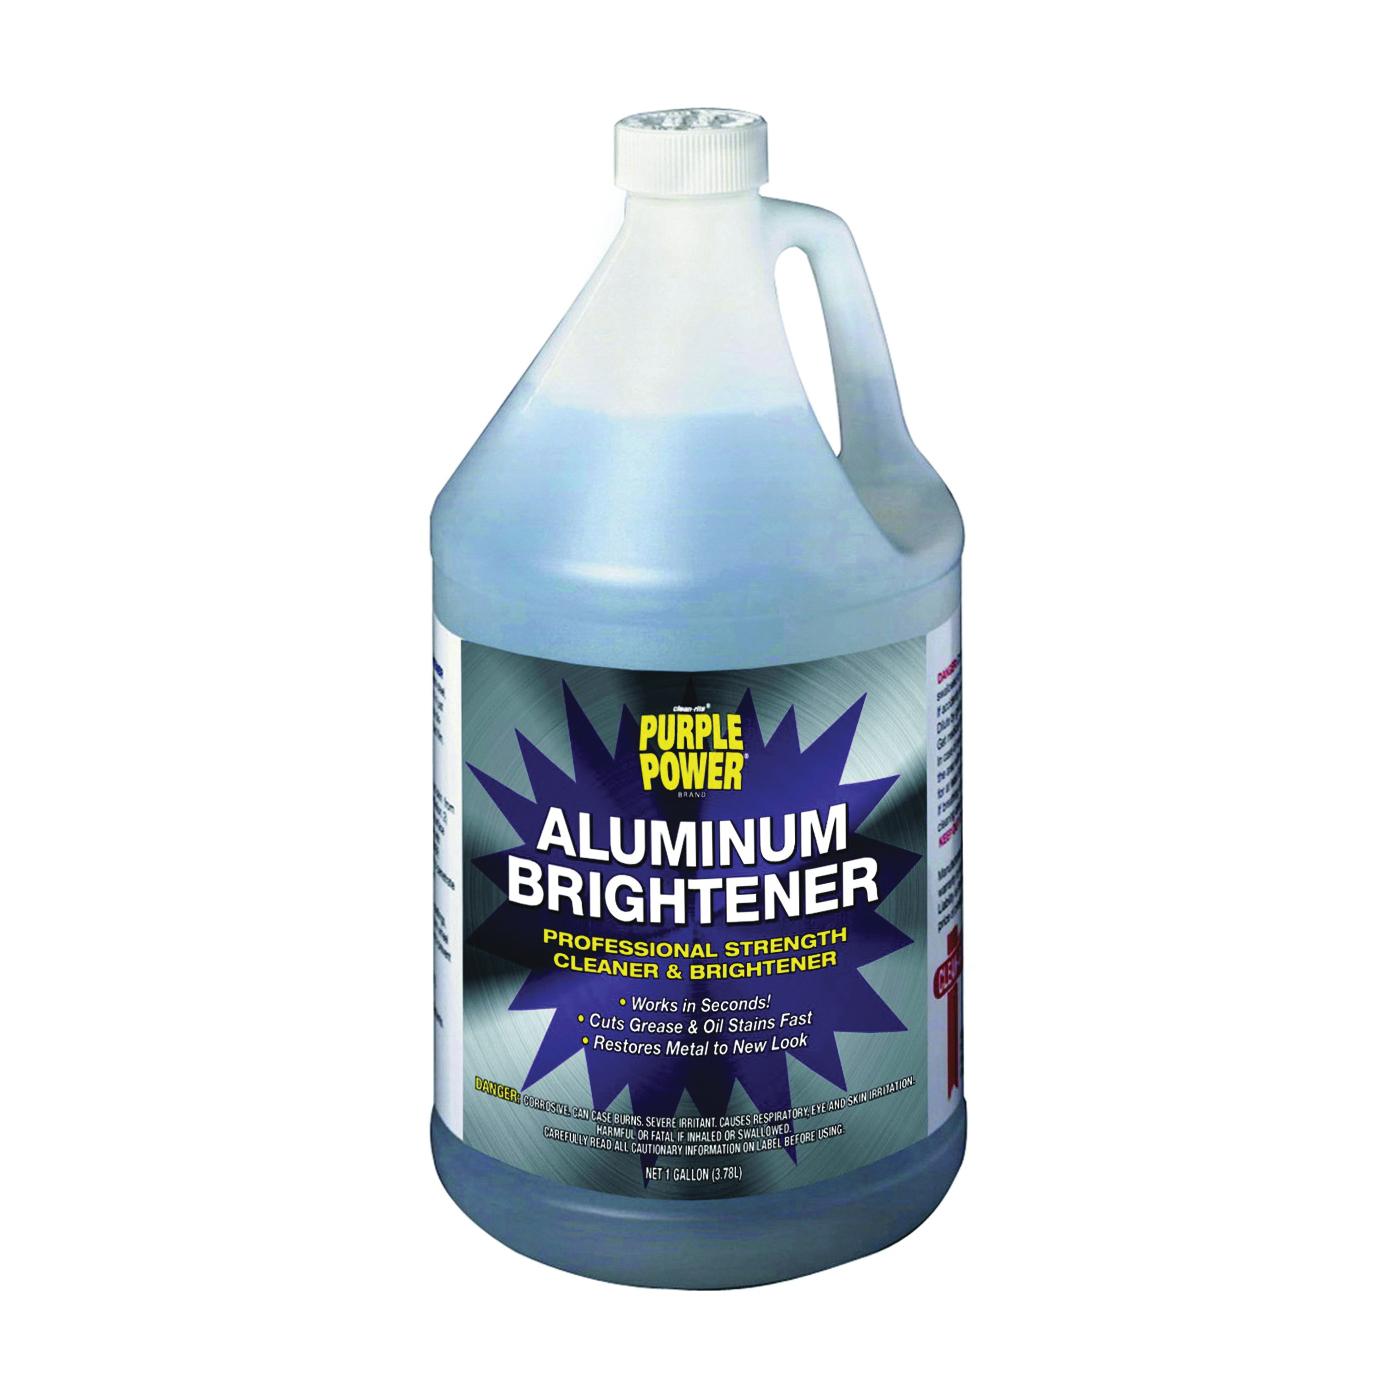 Picture of Purple Power 4120P Aluminum Brightener, 1 gal Package, Liquid, Acidic